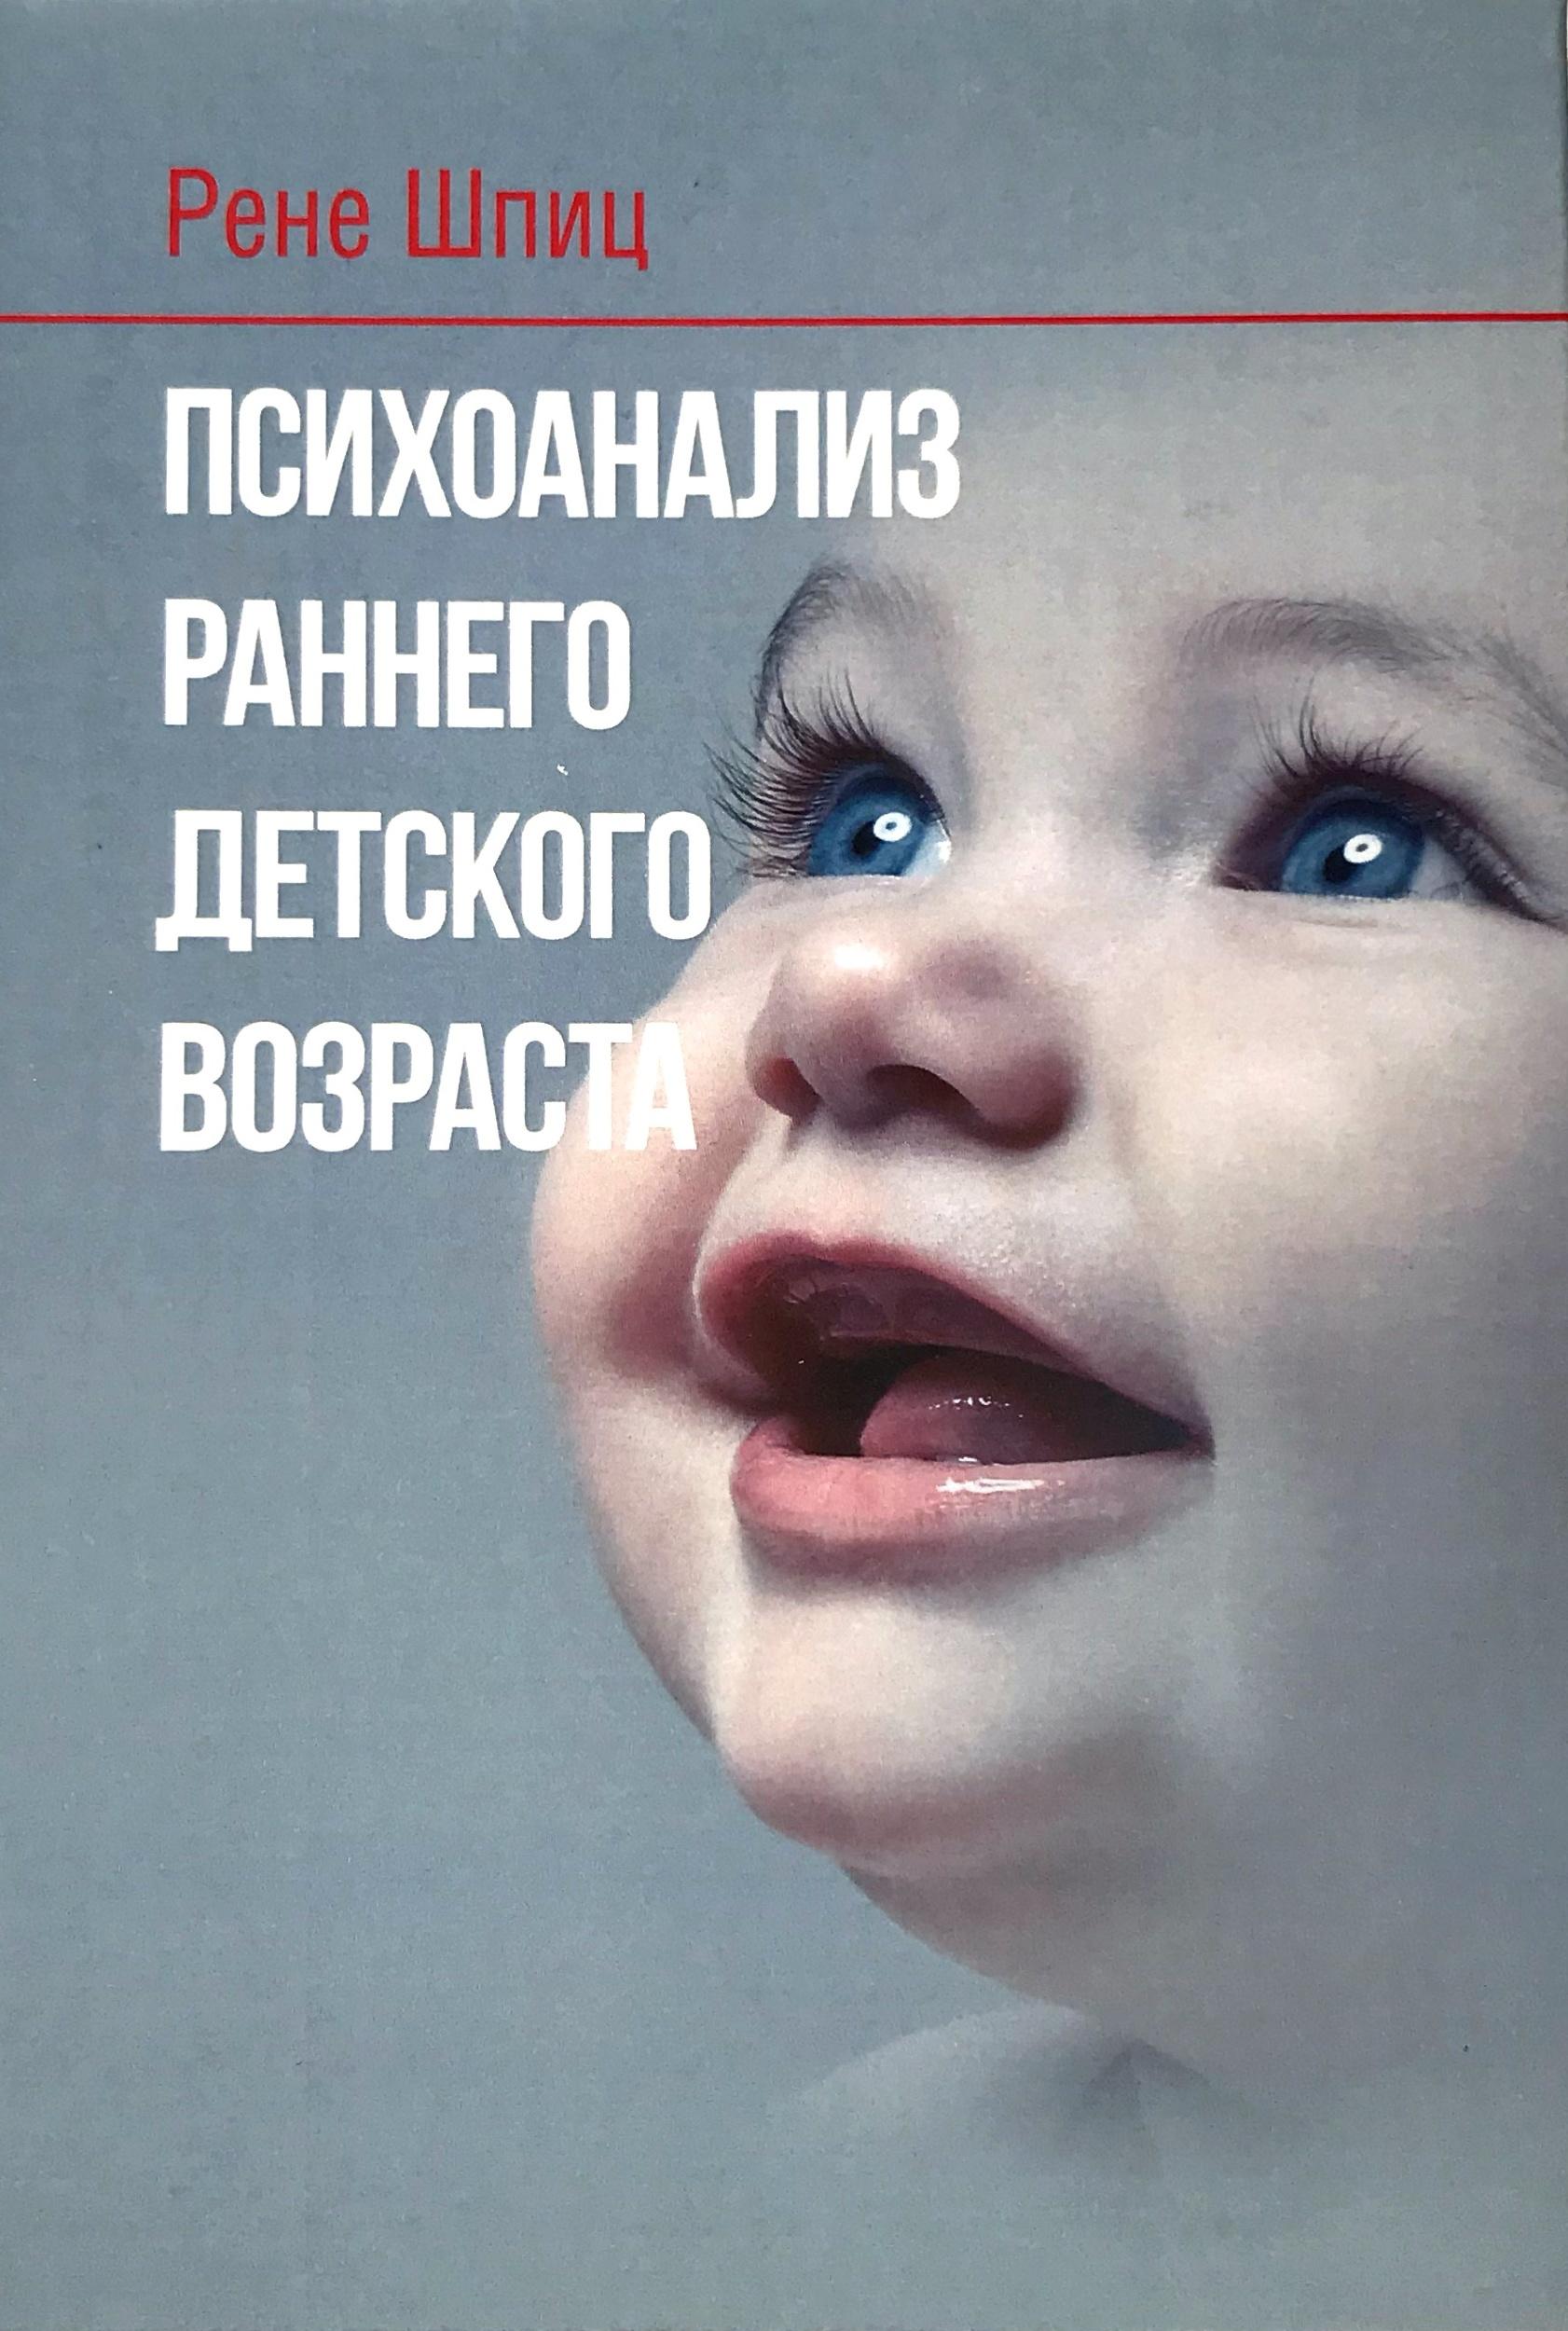 Психоанализ раннего детского возраста. Автор — Рене Шпиц. Переплет —